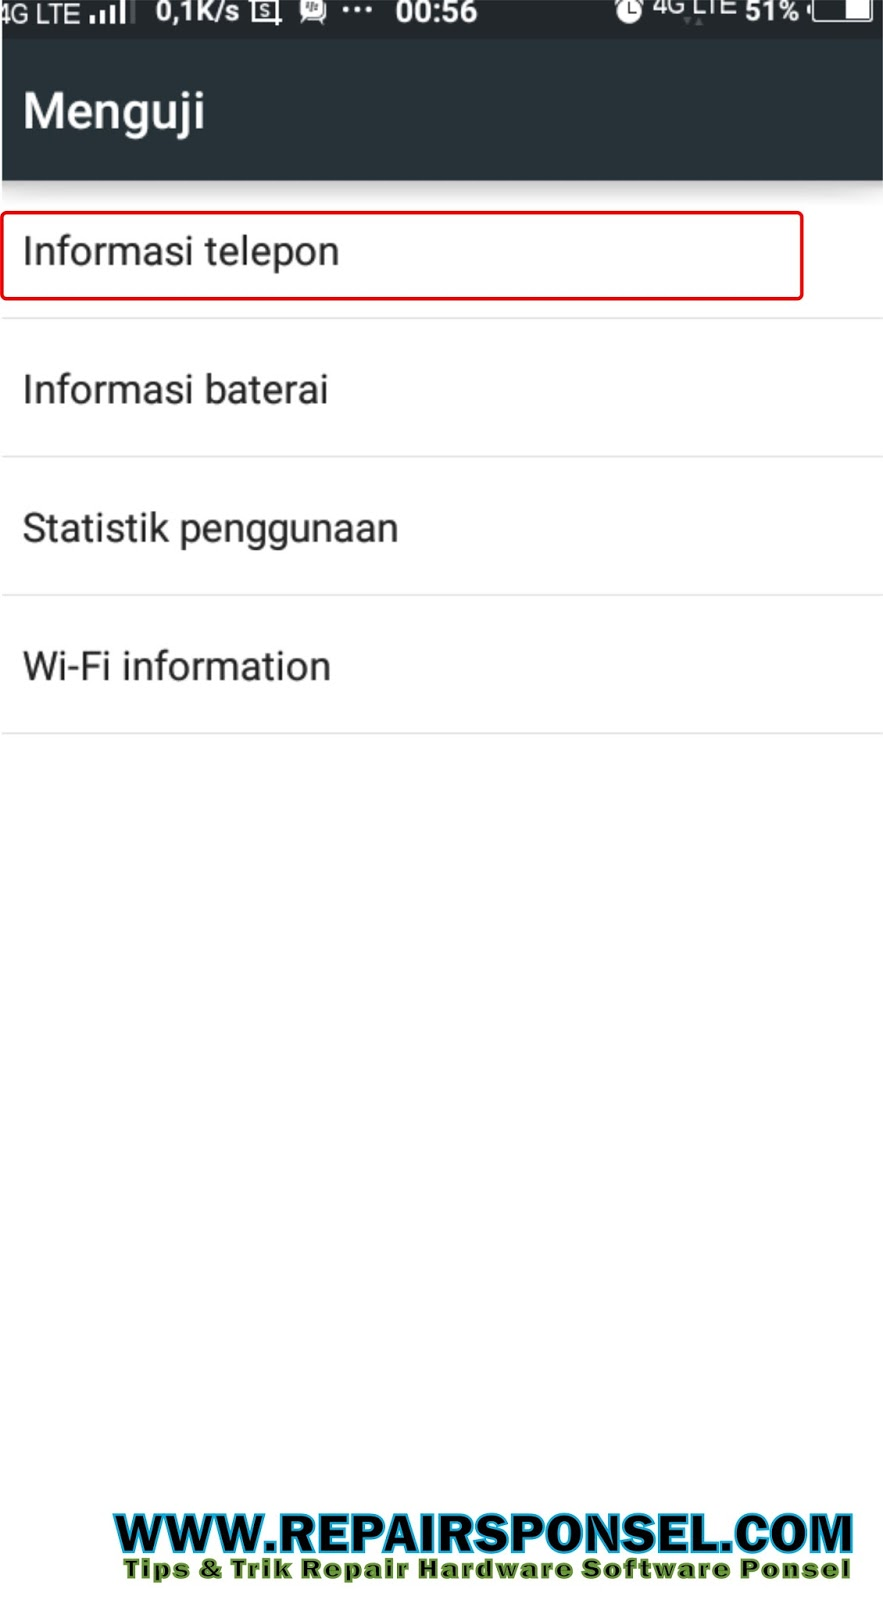 Cara Lock Jaringan 4G LTE Only Vivo Smartphone - Repairs Ponsel